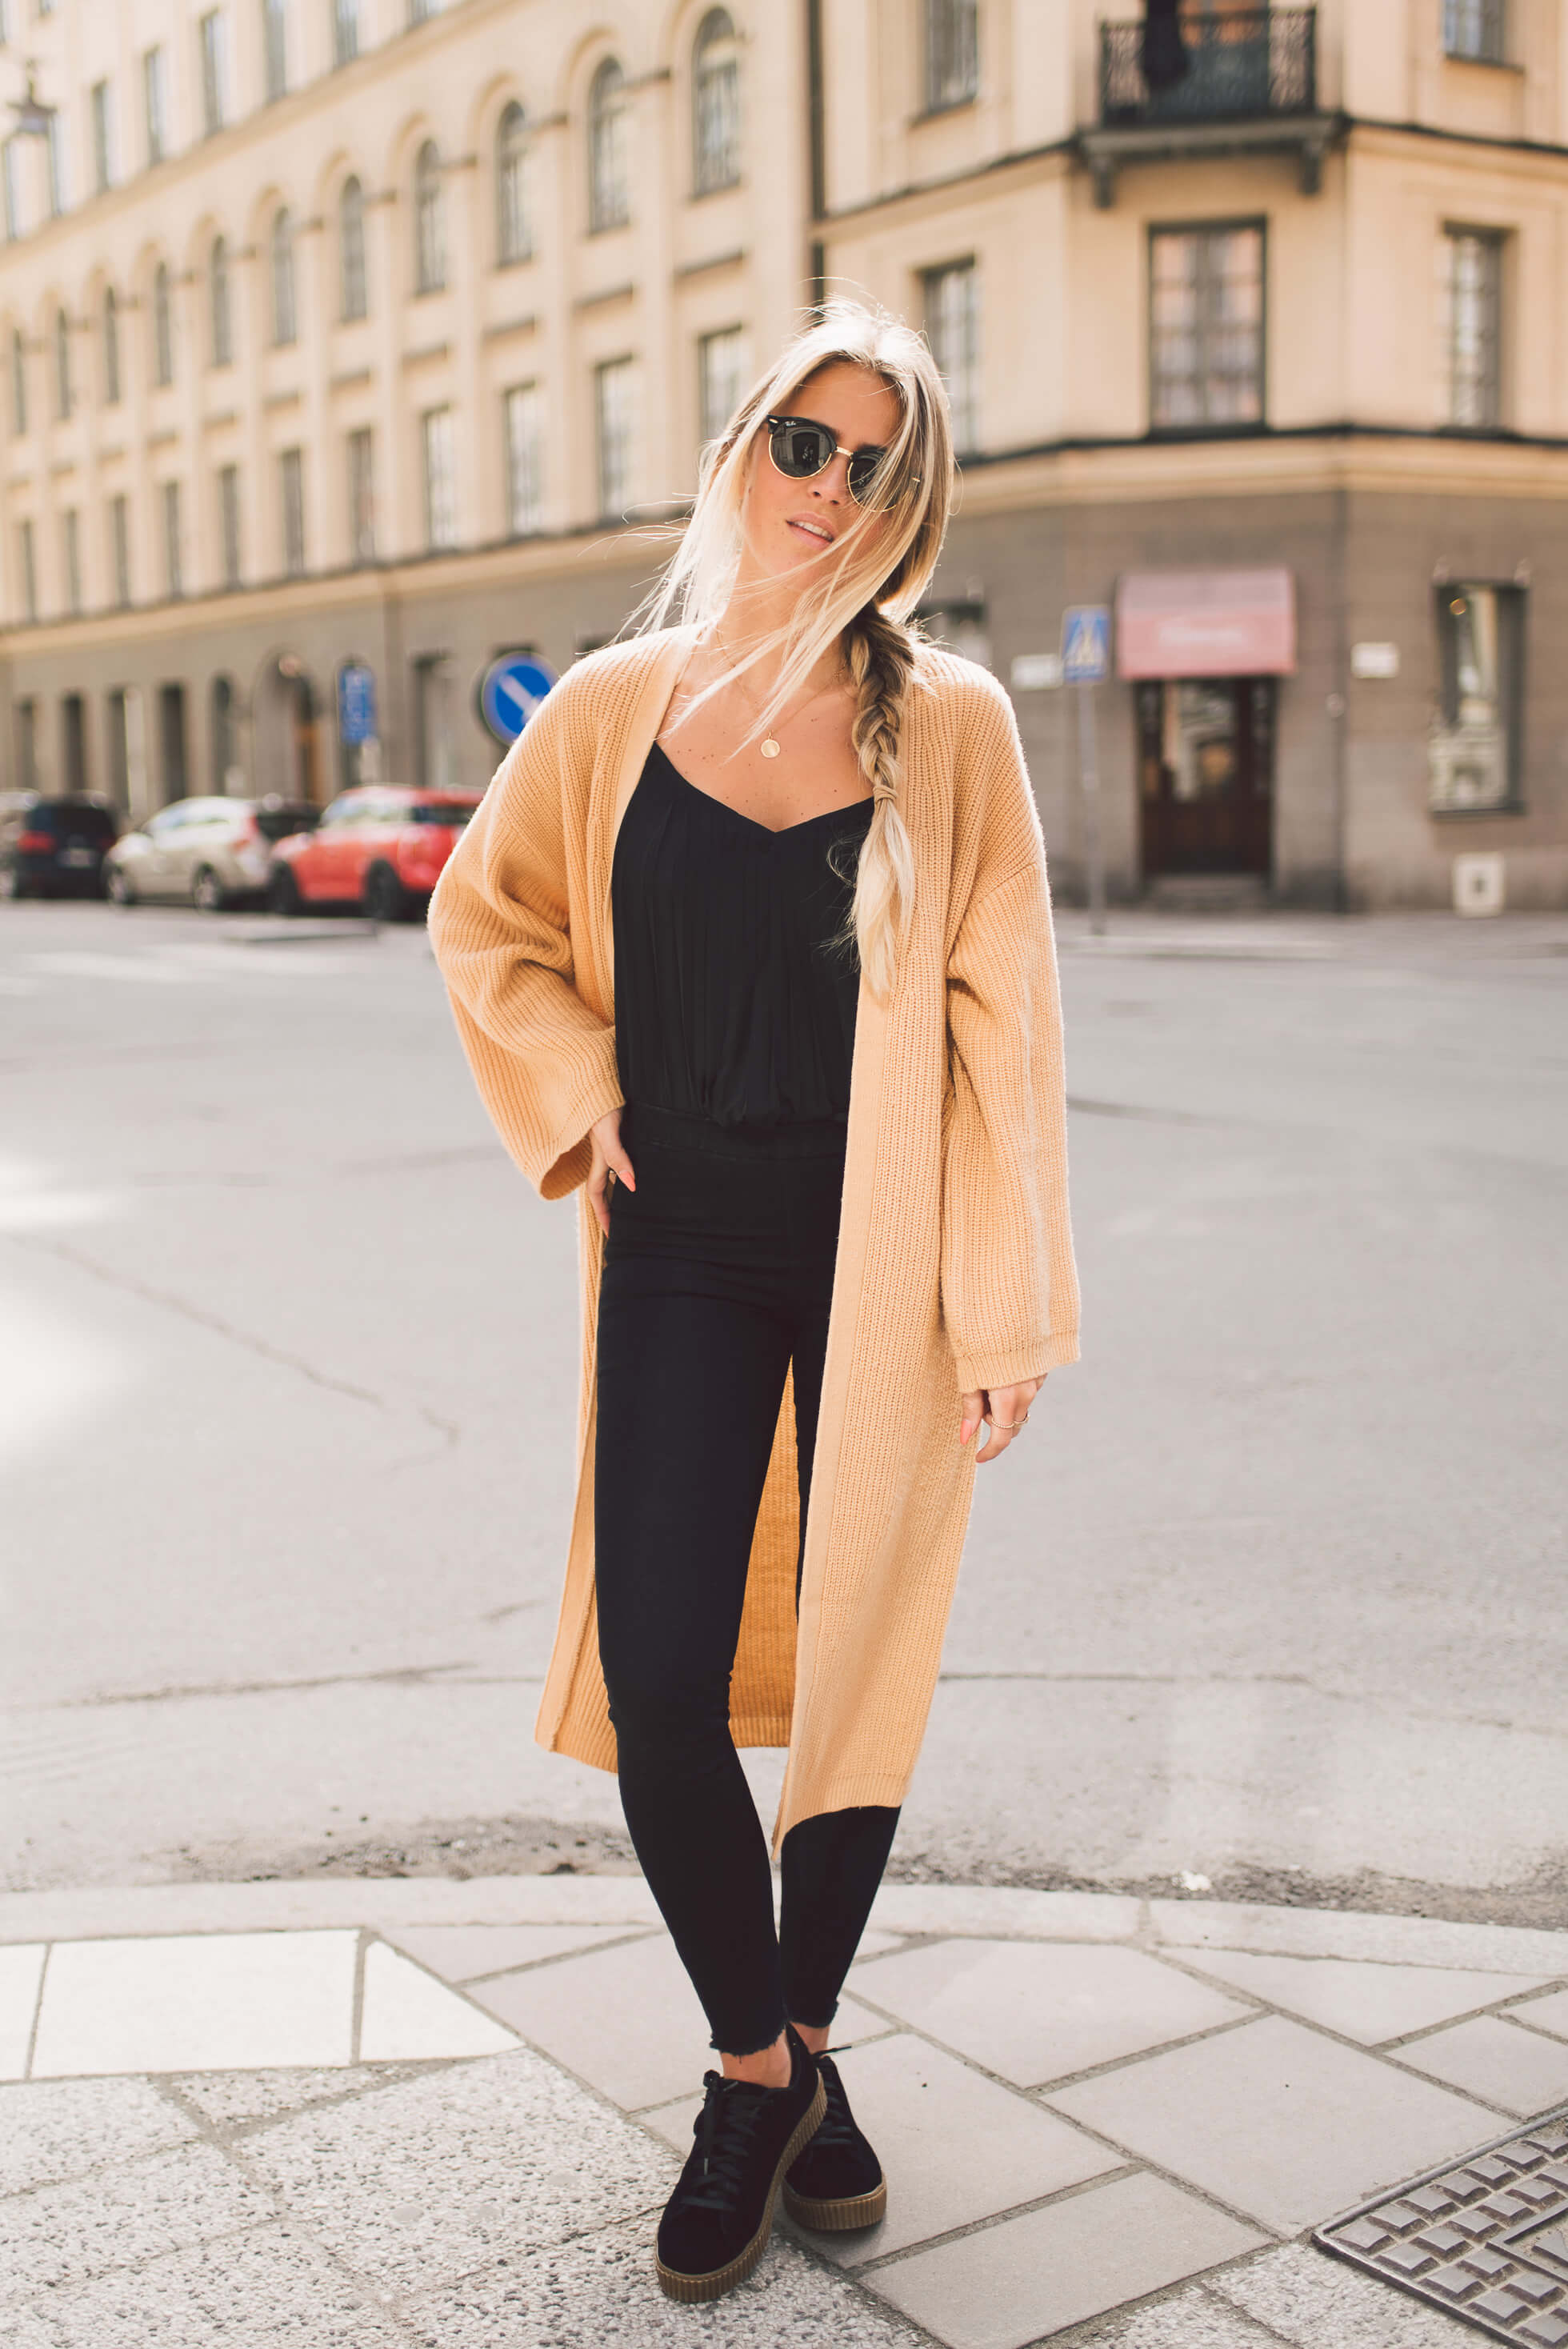 janni-deler-loveyewear-raybanDSC_3345